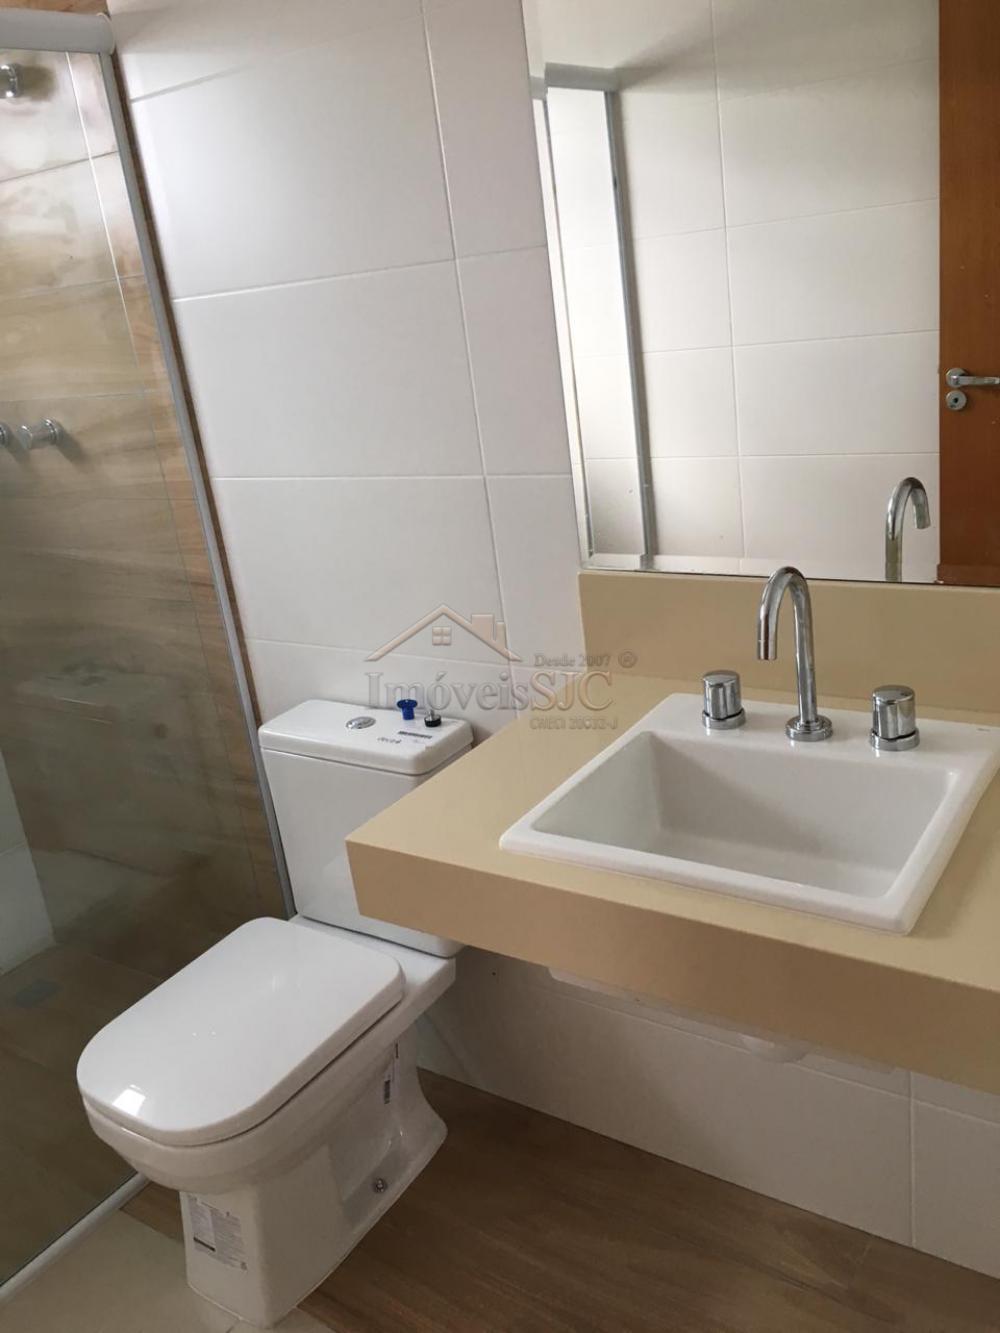 Comprar Casas / Condomínio em São José dos Campos apenas R$ 1.050.000,00 - Foto 18